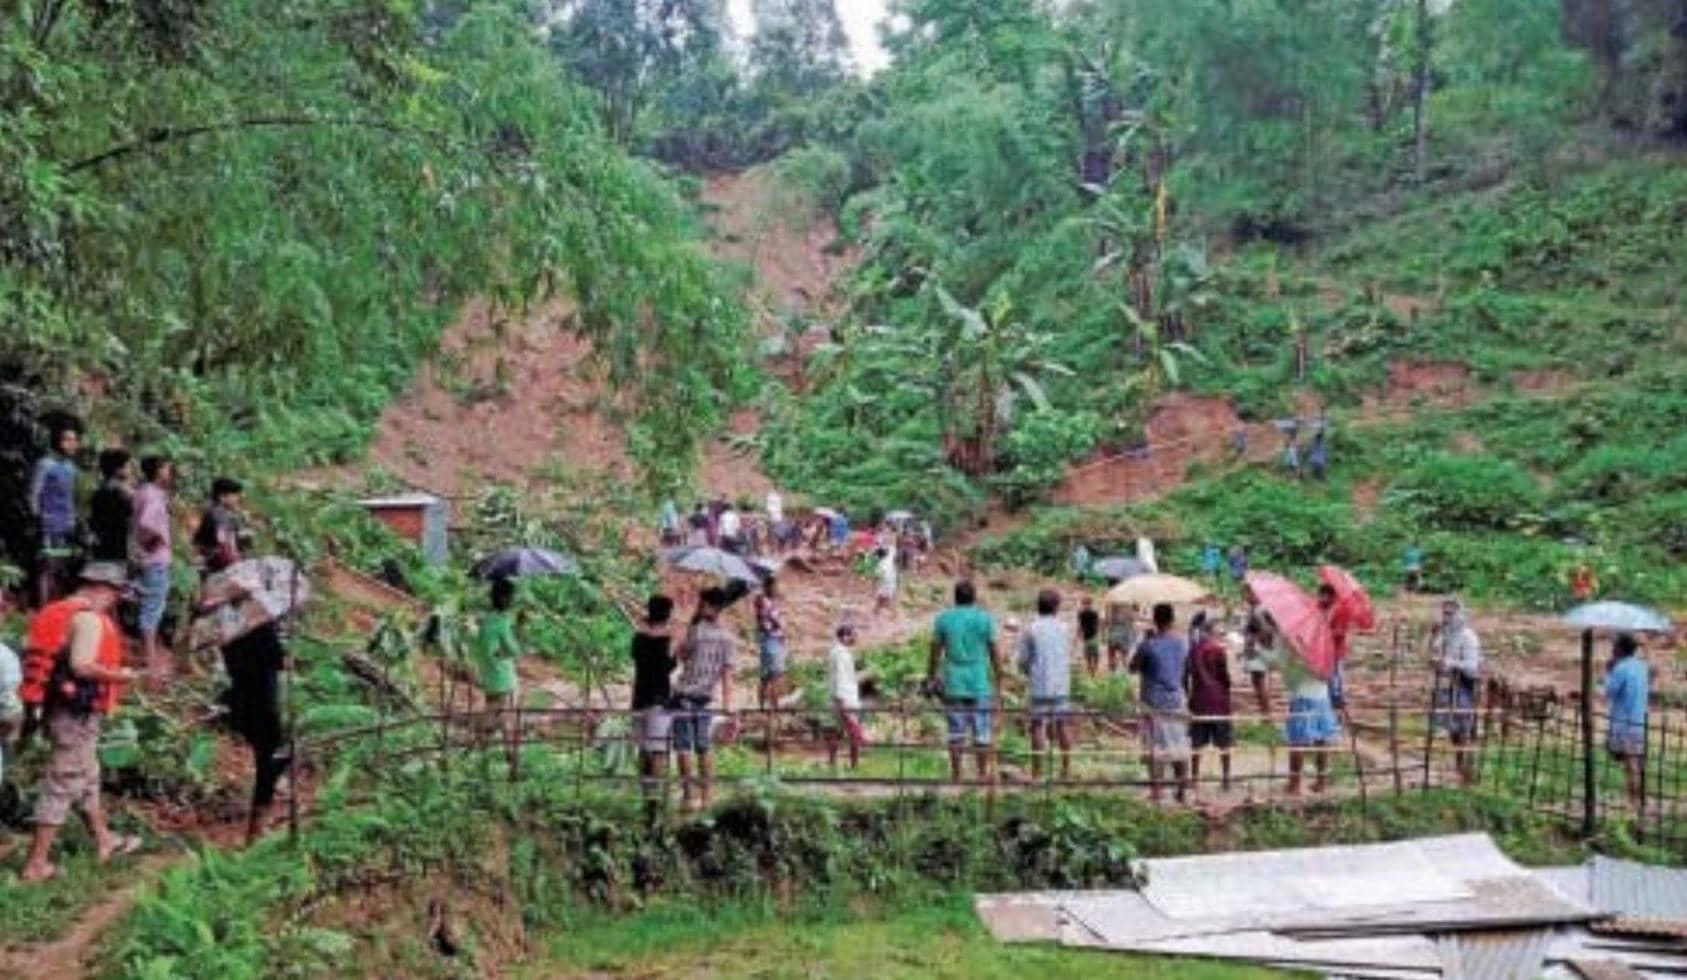 அசாமில் வெவ்வேறு பகுதிகளில் ஏற்பட்ட நிலச்சரிவில் சிக்கி 20 பேர் உயிரிழப்பு